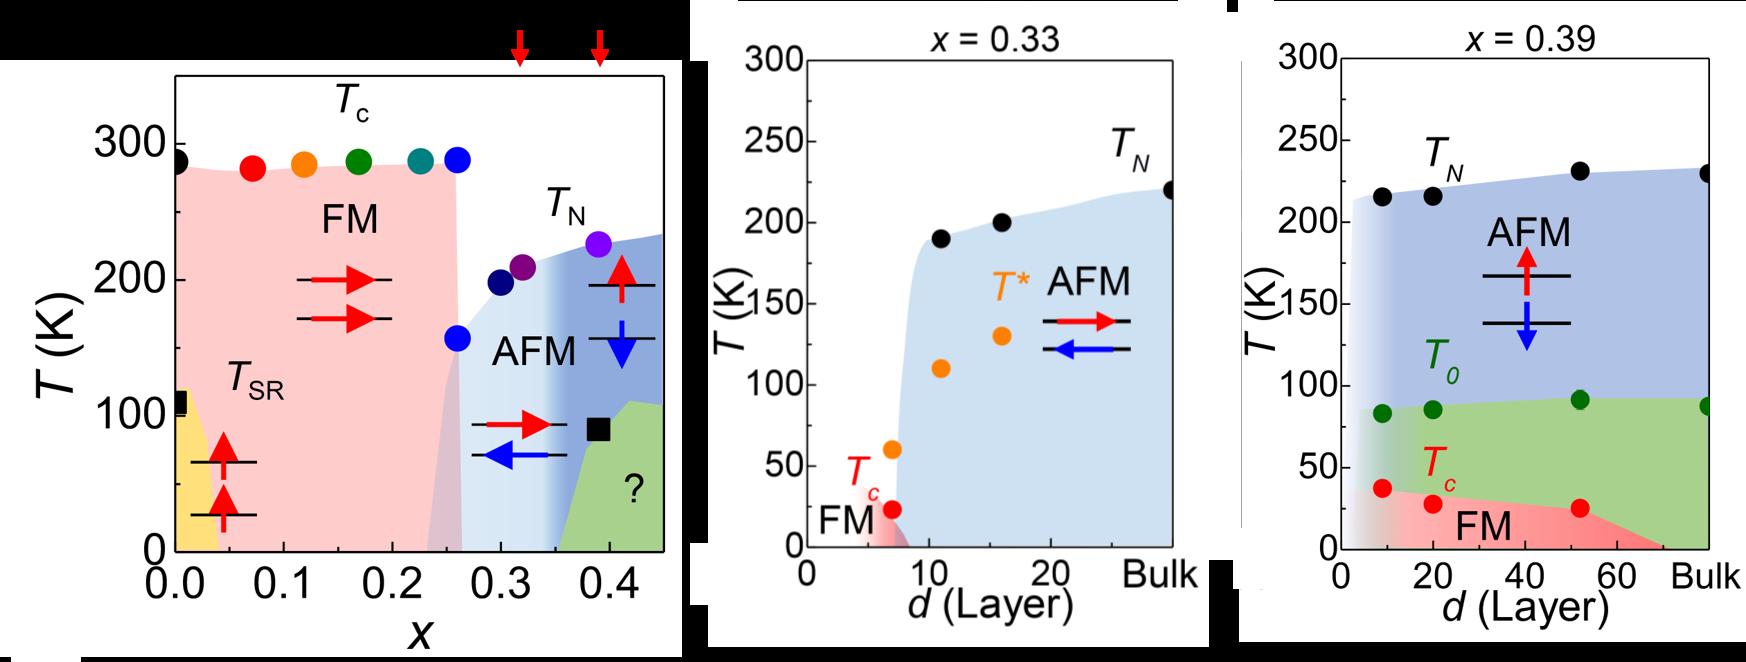 코발트 원자 농도와 자석 두께에 따른 자성 변화 이미지